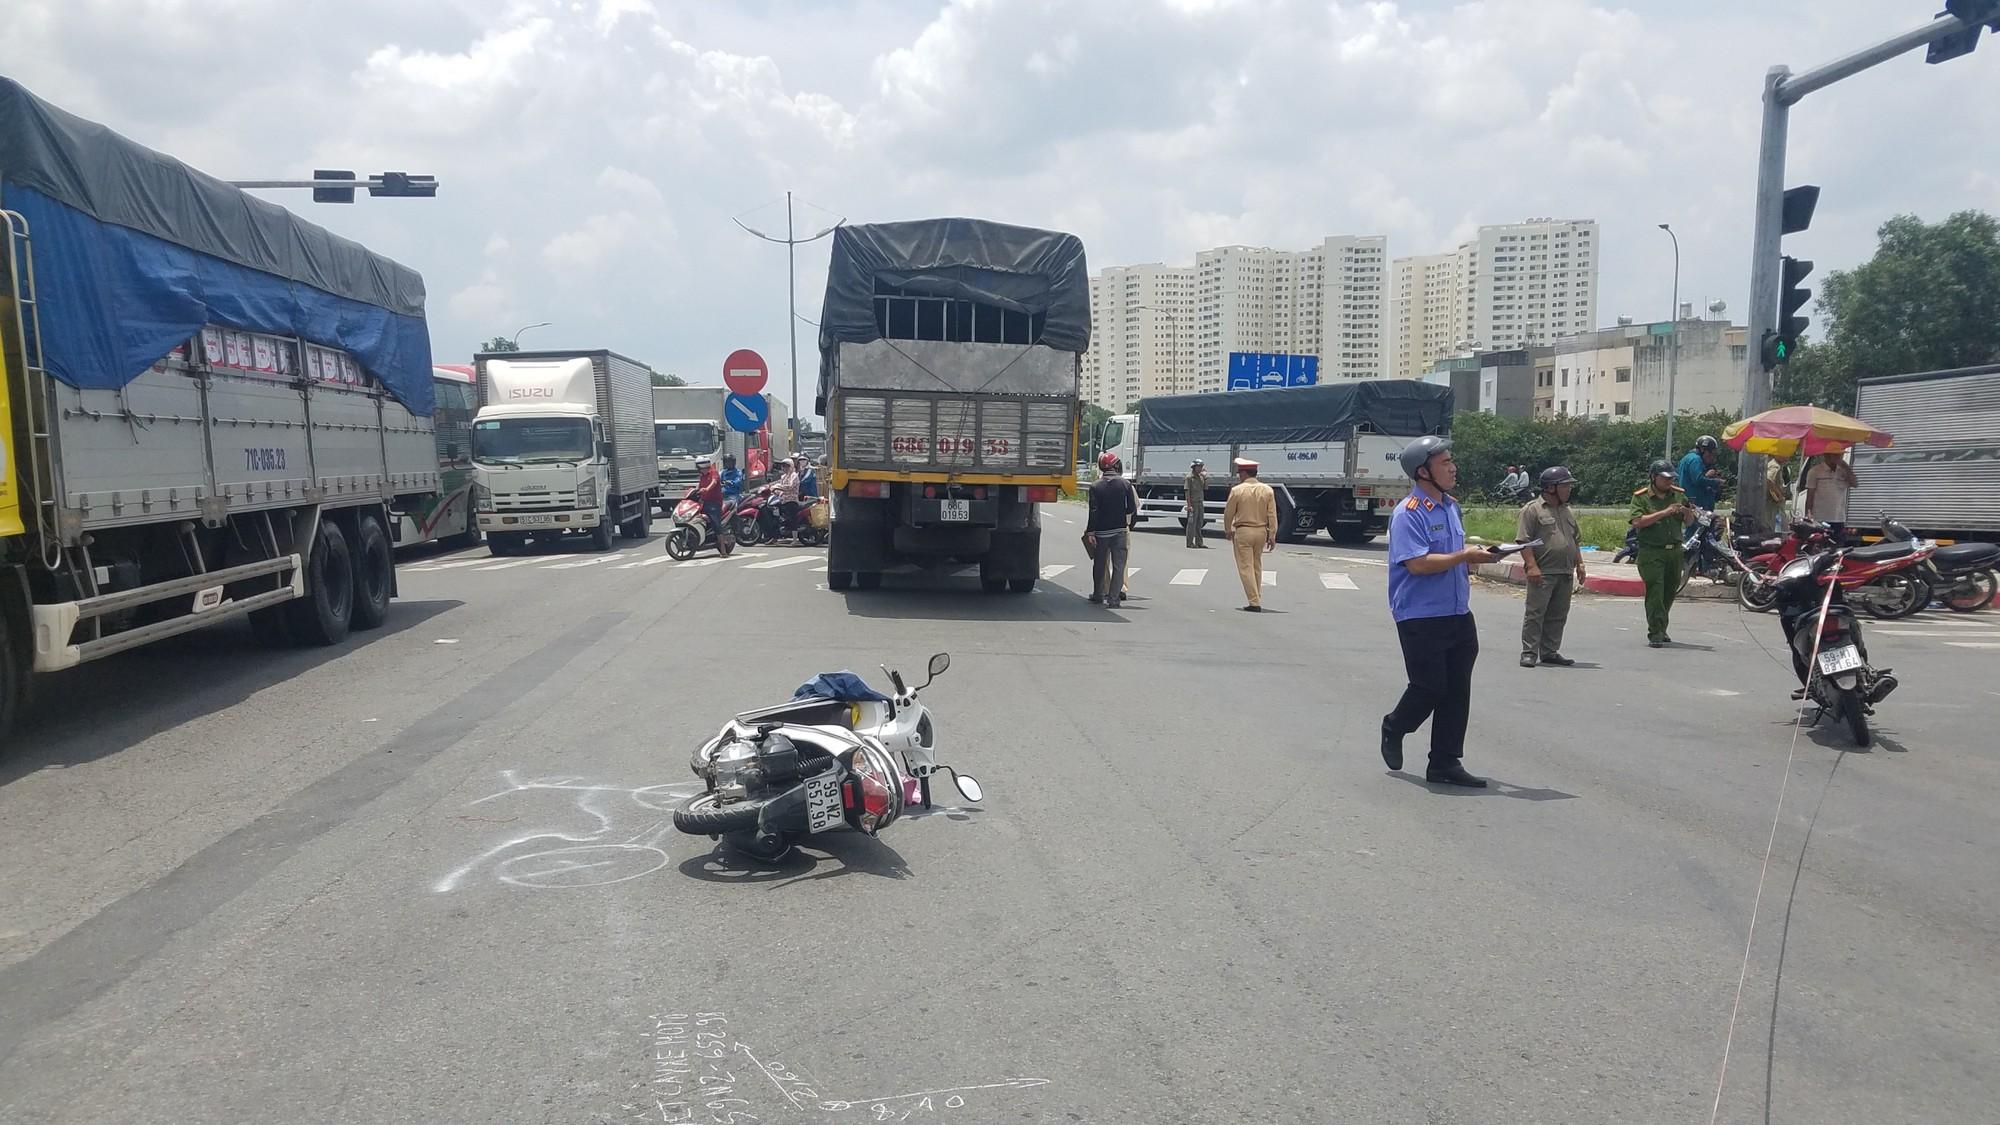 2 người phụ nữ cùng 1 bé gái 5 tuổi thương vong khi đi khám bệnh trở về nhà ở Sài Gòn - Ảnh 2.